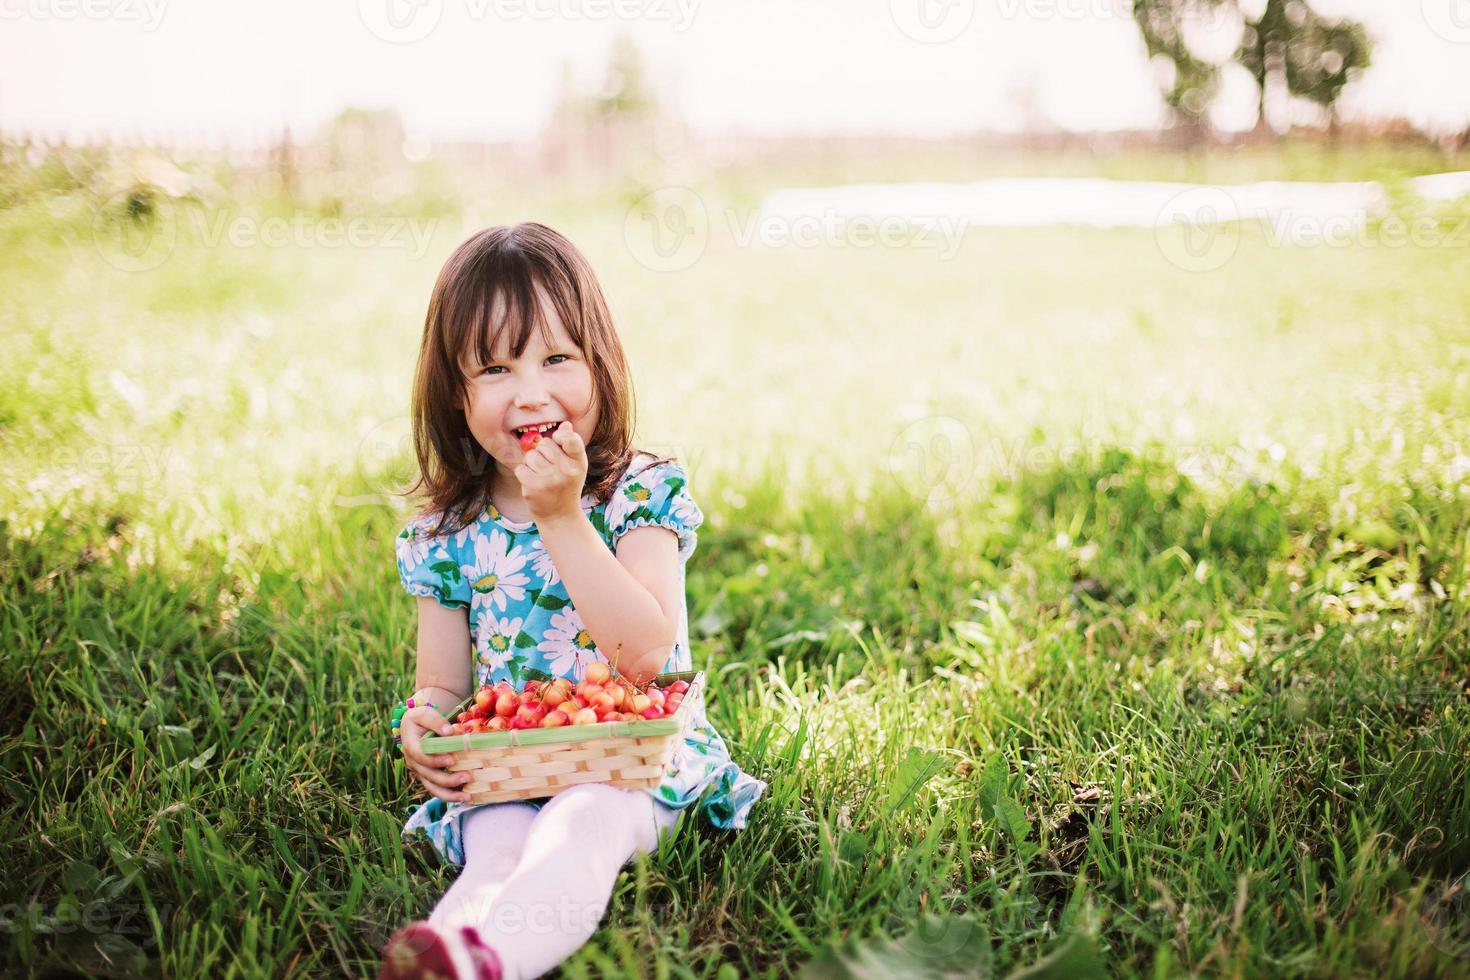 kleines Mädchen. foto